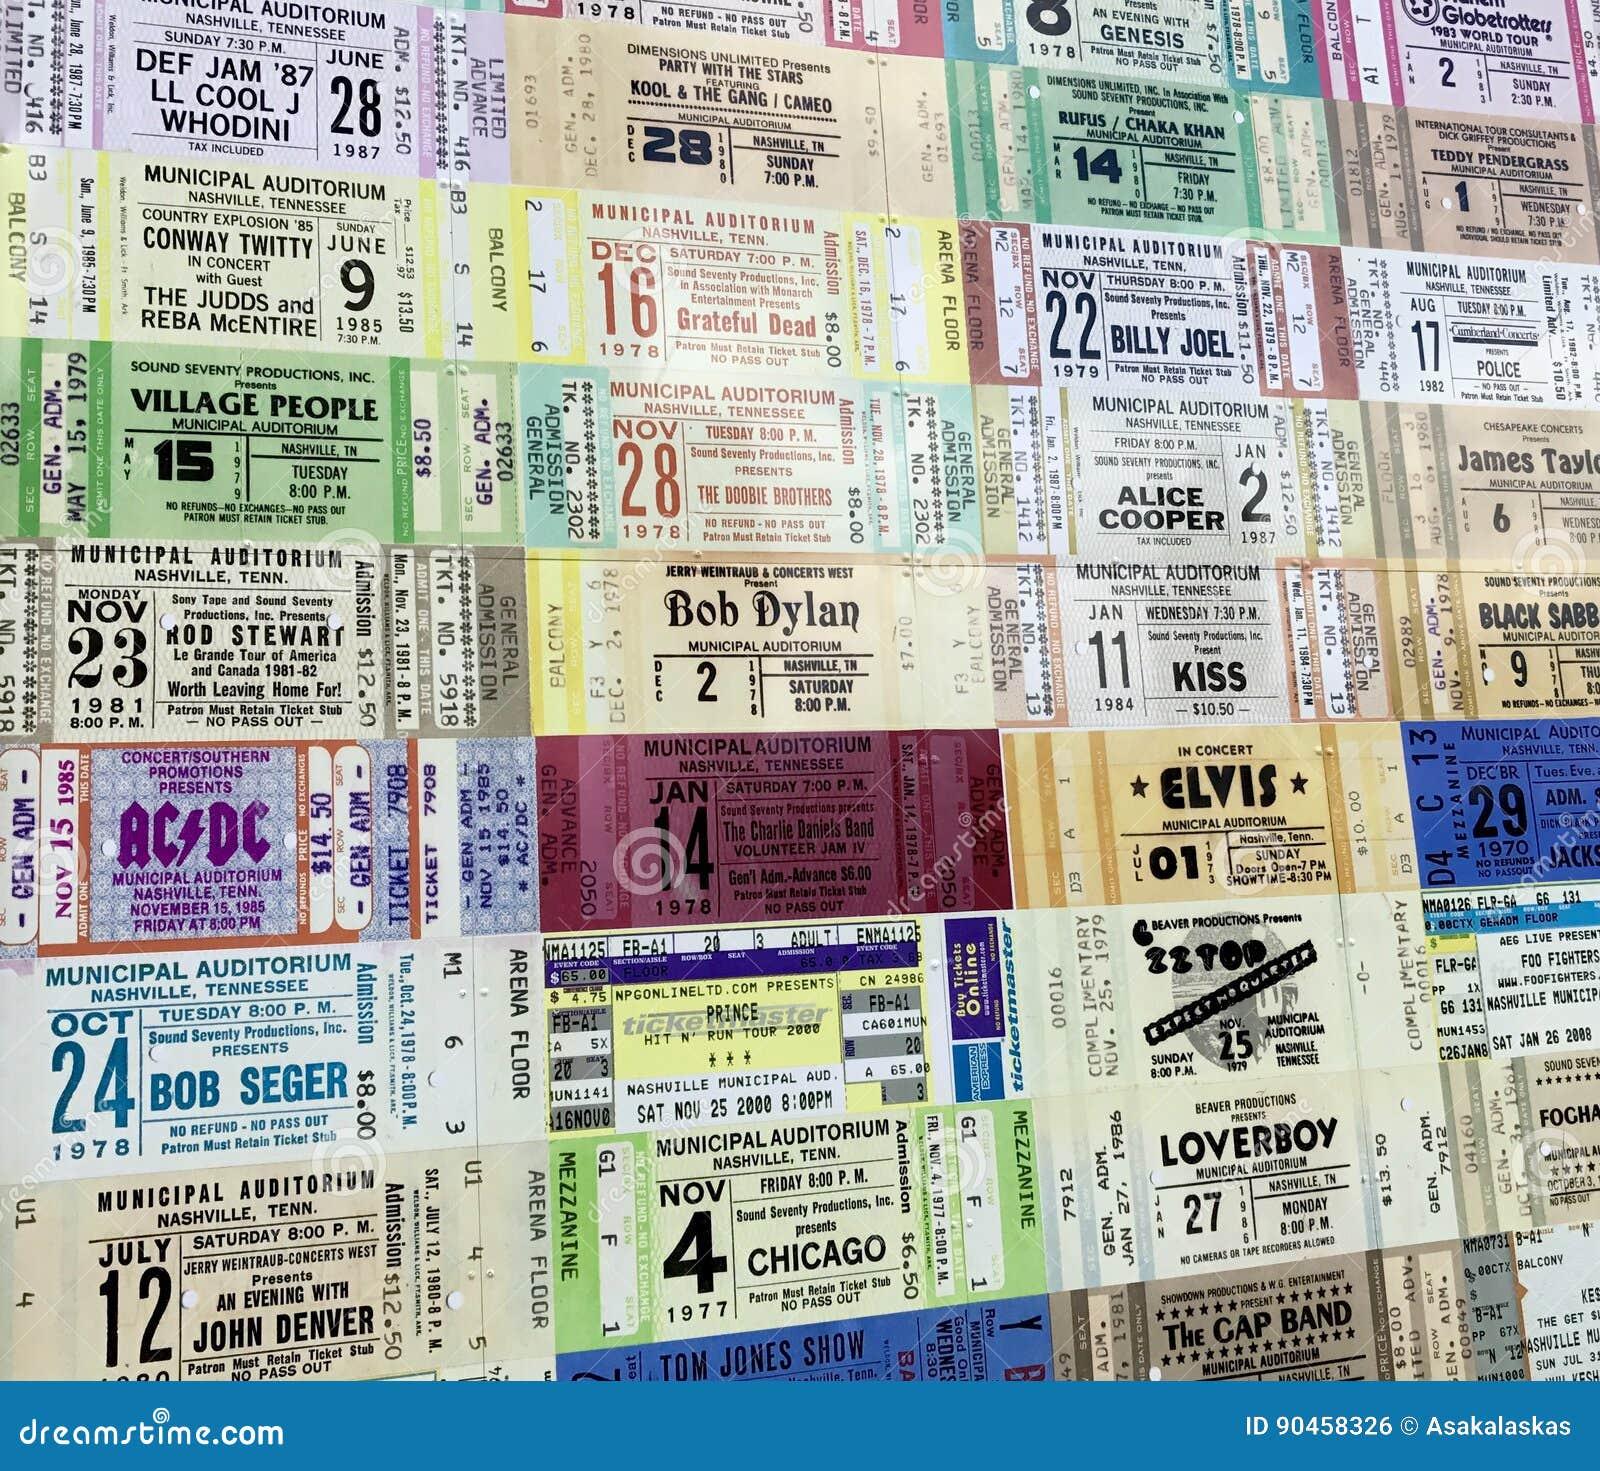 Biletowi karcze od różnorodnych artystów